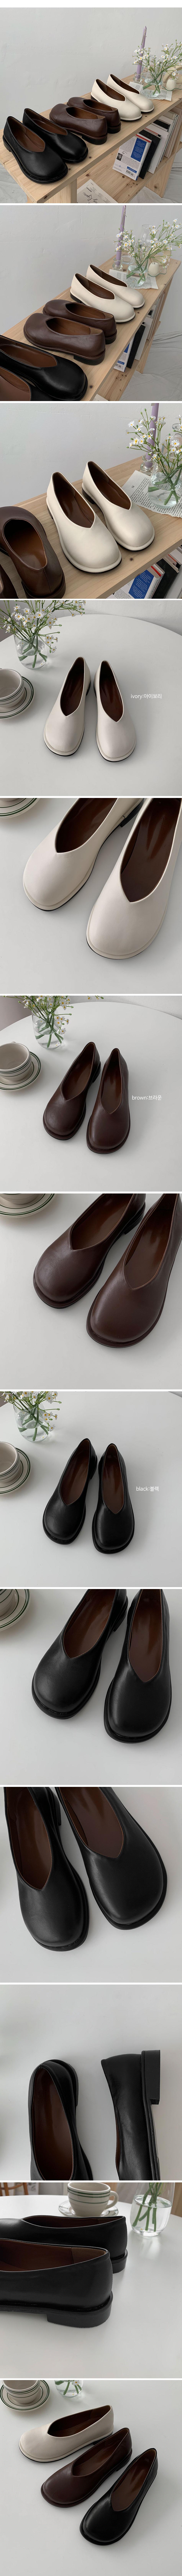 Mu flat shoes